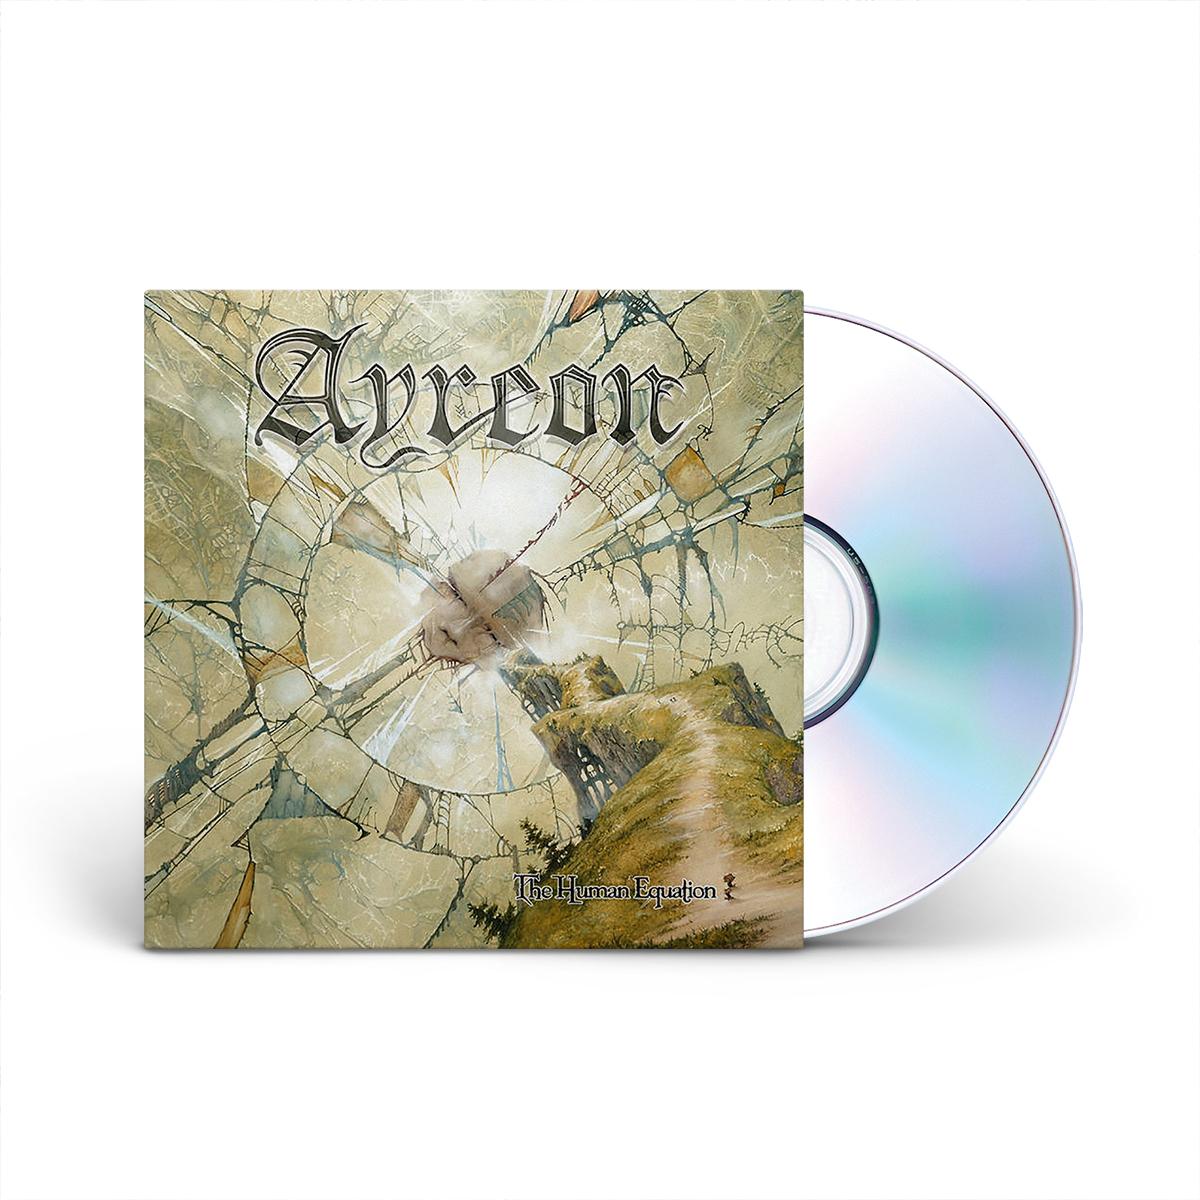 Ayreon - The Human Equation CD